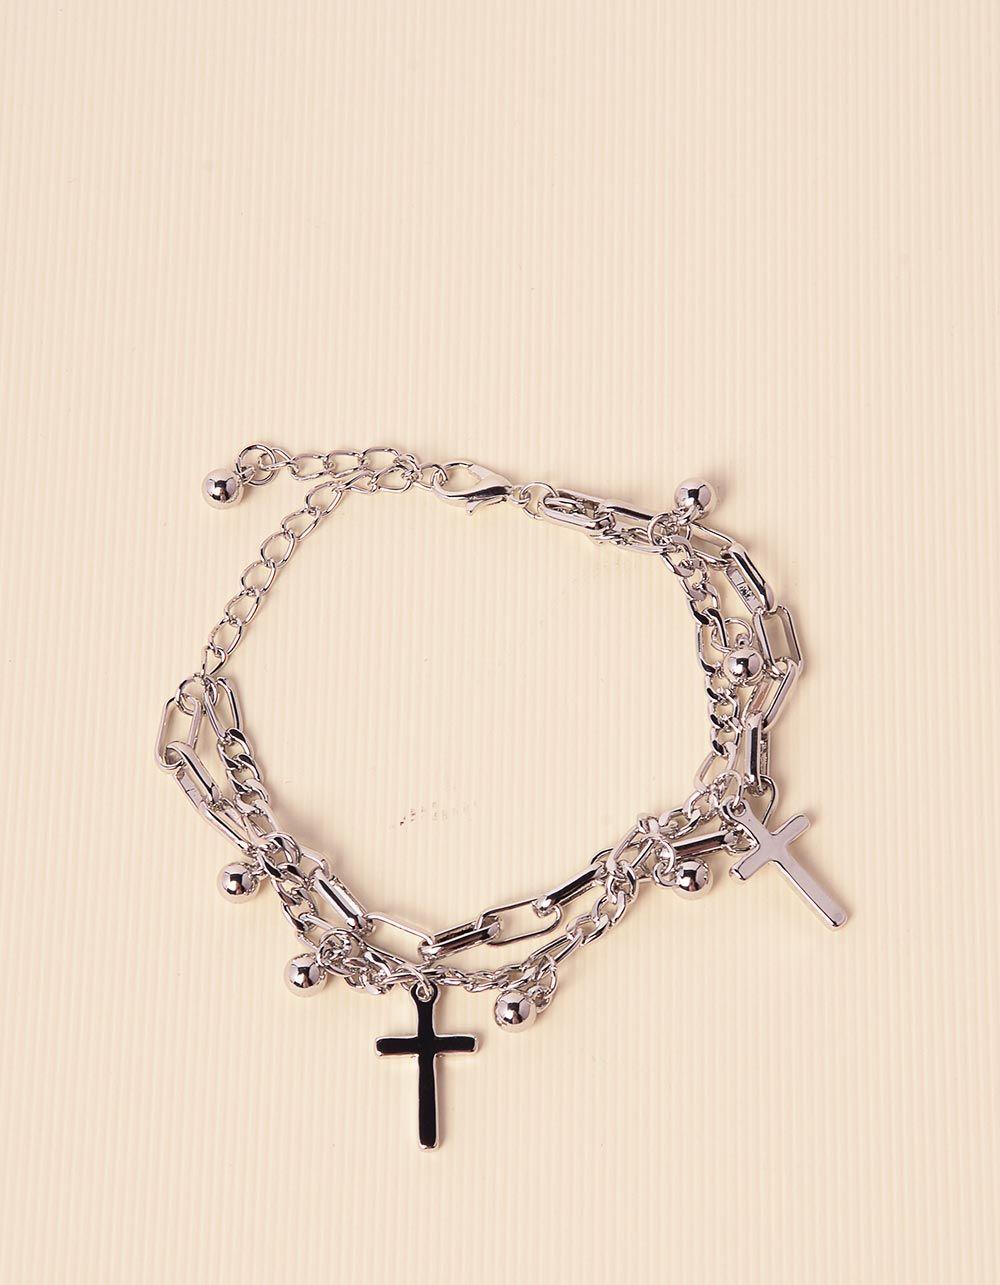 Браслет на руку із ланцюжків з хрестиками | 238573-05-XX